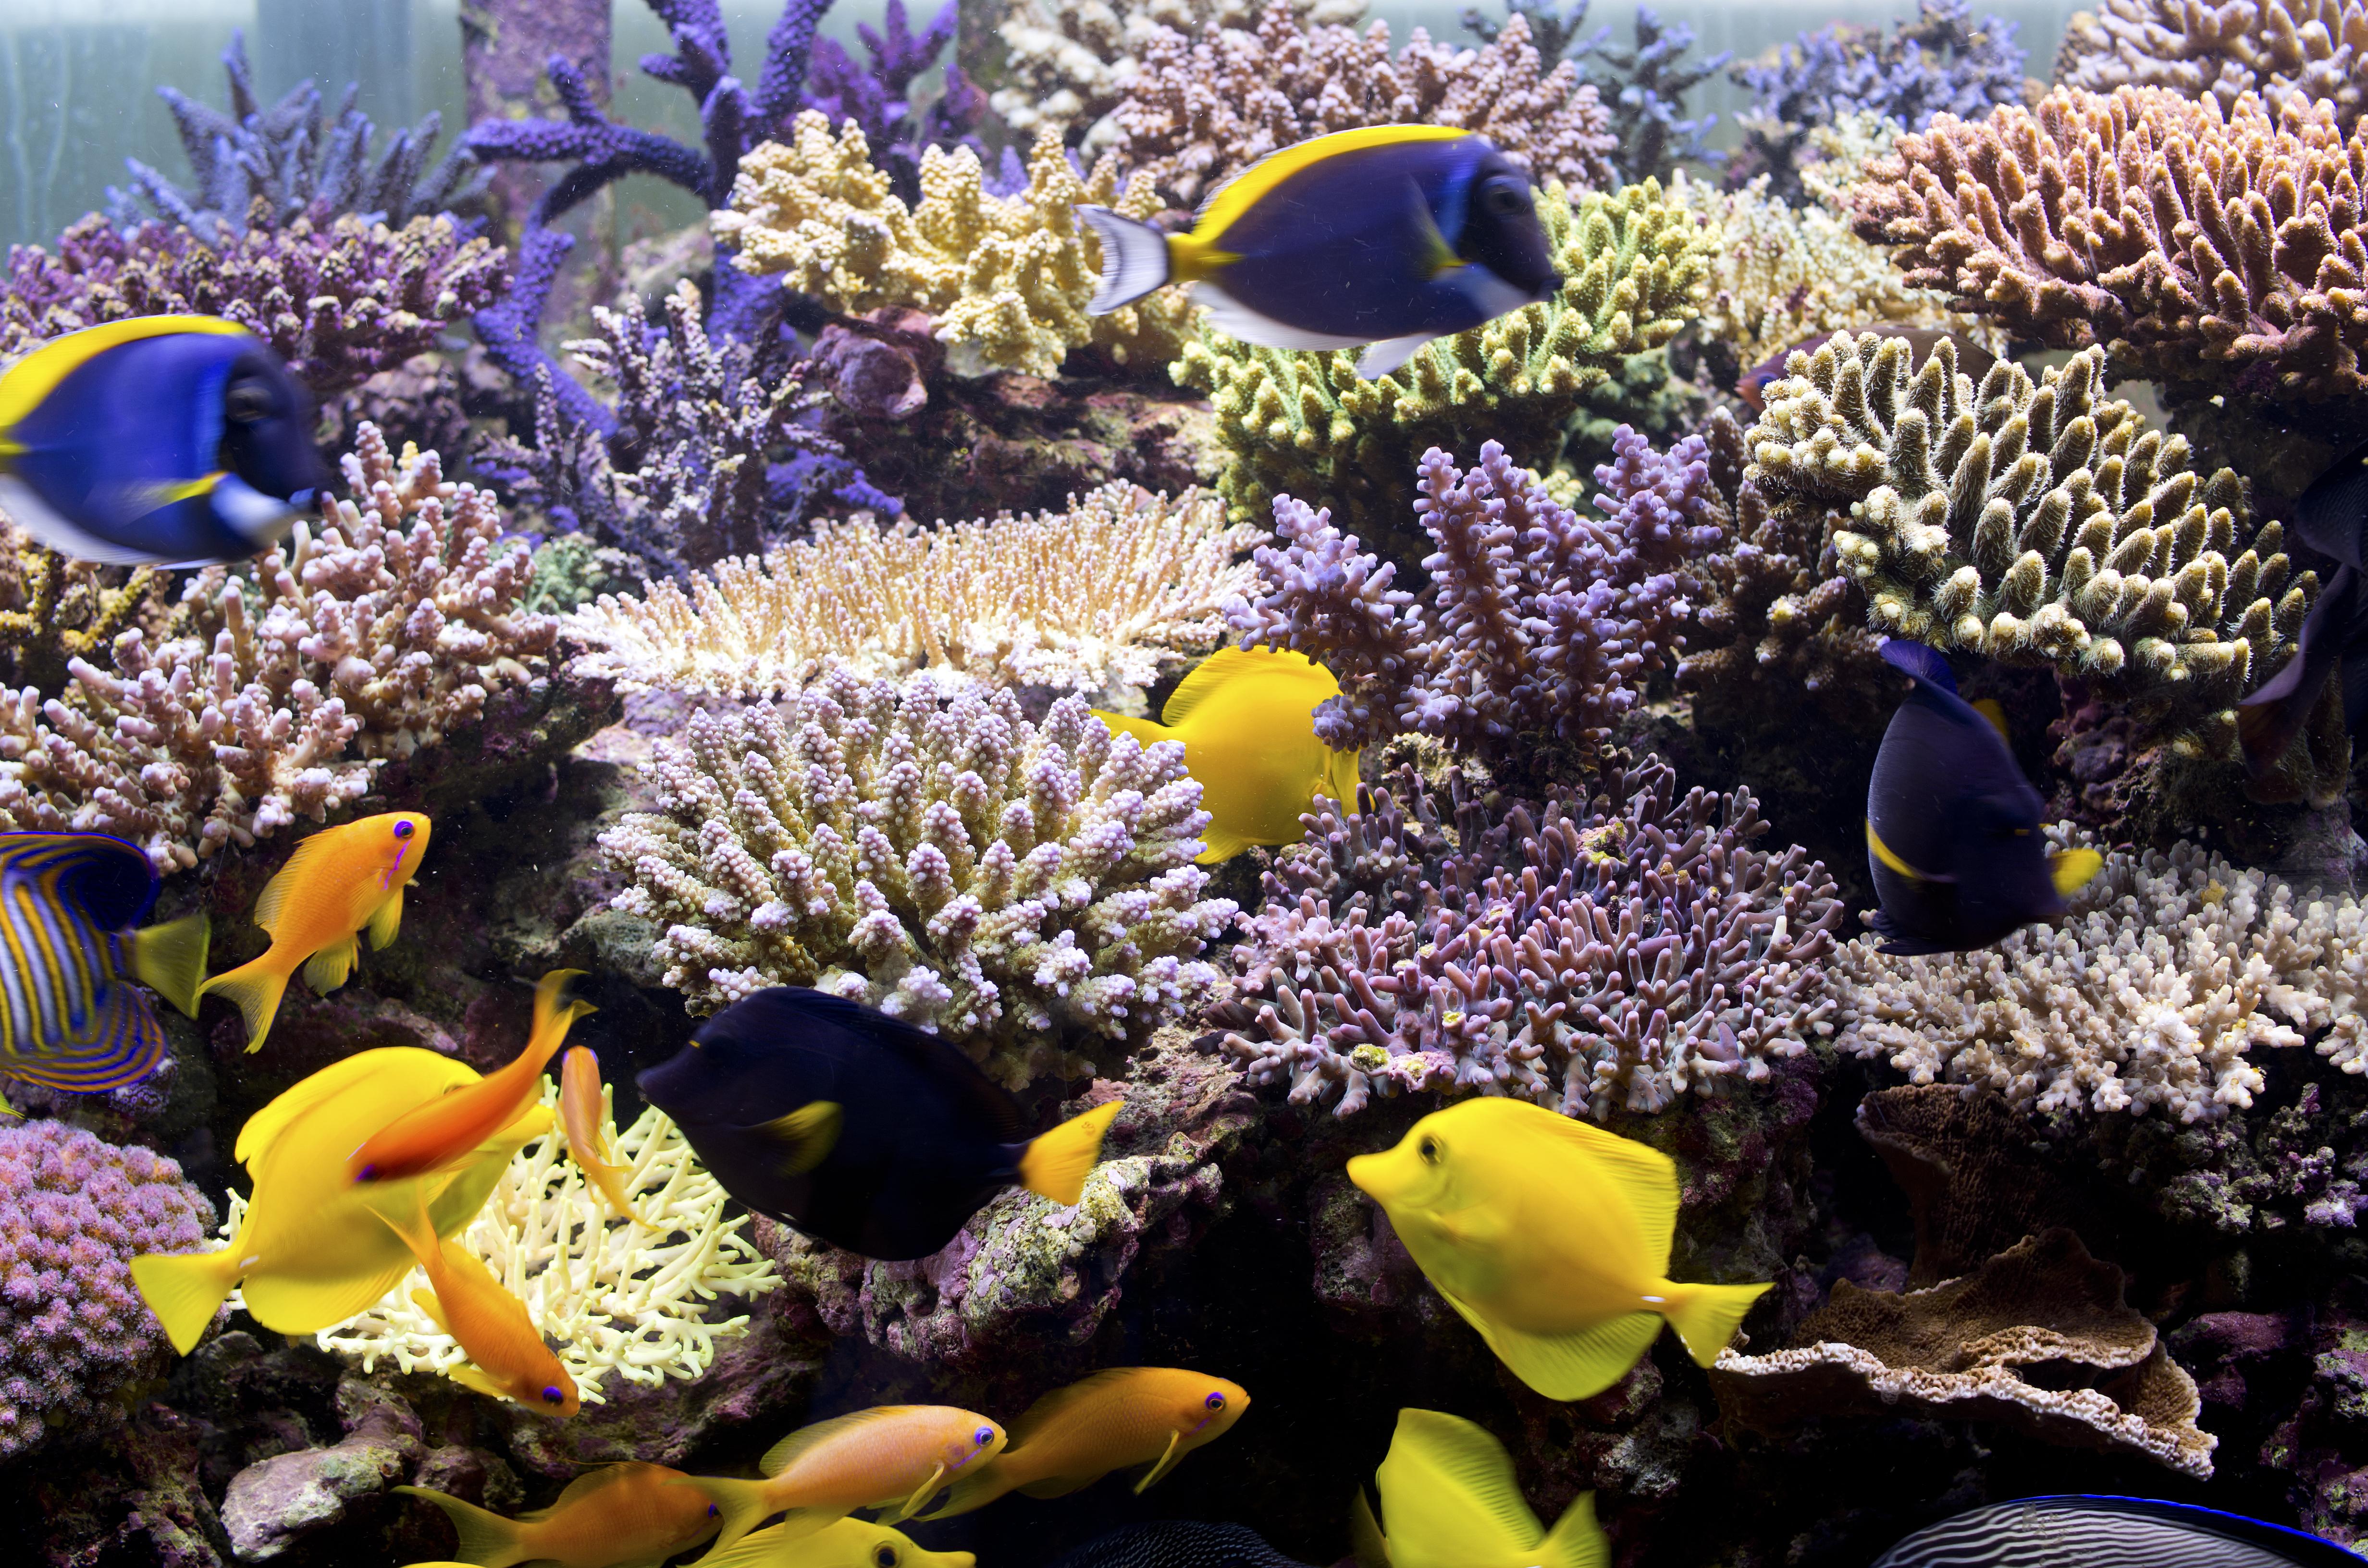 """Investigadores de la Universidad de Victoria aseguran que solo el 5% de los arrecifes de coral en el territorio australiano de Christmas Island sobrevivieron entre 2015 y 2016 debido al intenso calor de El Niño. El aumento de la temperatura del agua hace que los arrecifes de coral se """"blanqueen"""", lo que significa que los arrecifes están enfermos y pierden su color. Hoy, Christmas Island sigue abierta a los turistas, y muchos de los corales se han recuperado. El Niño es un período de calentamiento de la temperatura de la superficie del mar que puede """"influir en los patrones climáticos, las condiciones oceánicas y las pesquerías marinas en grandes partes del mundo durante un período prolongado de tiempo"""", según la Administración Nacional Oceánica y Atmosférica"""